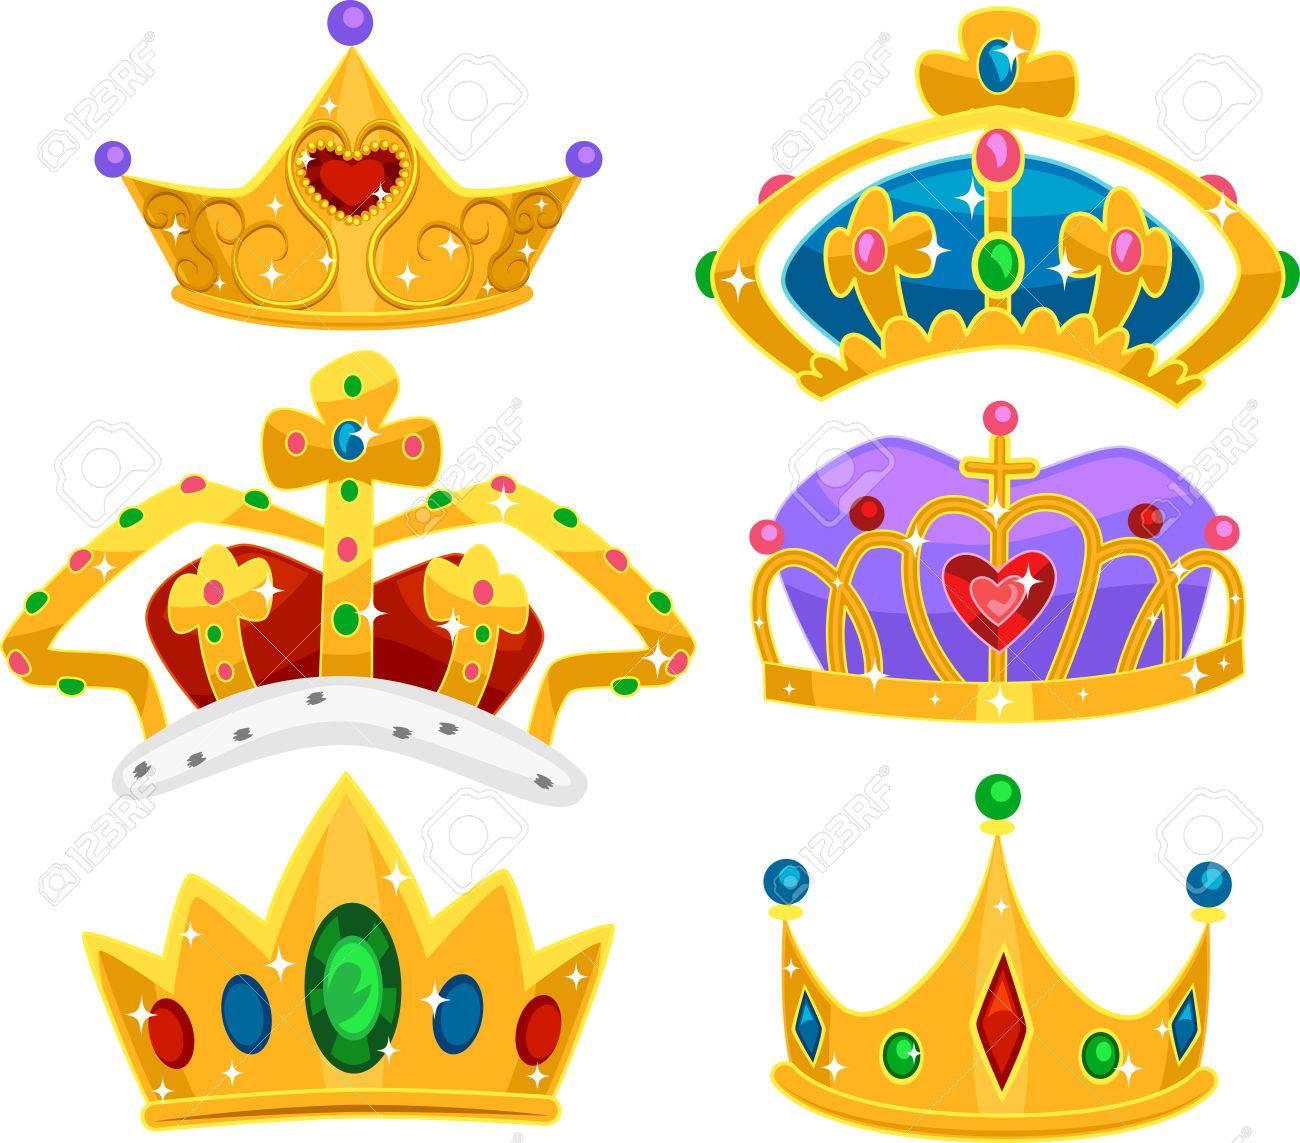 たっぷり光沢のある宝石の金の異なる高貴な王冠のイラスト の写真素材